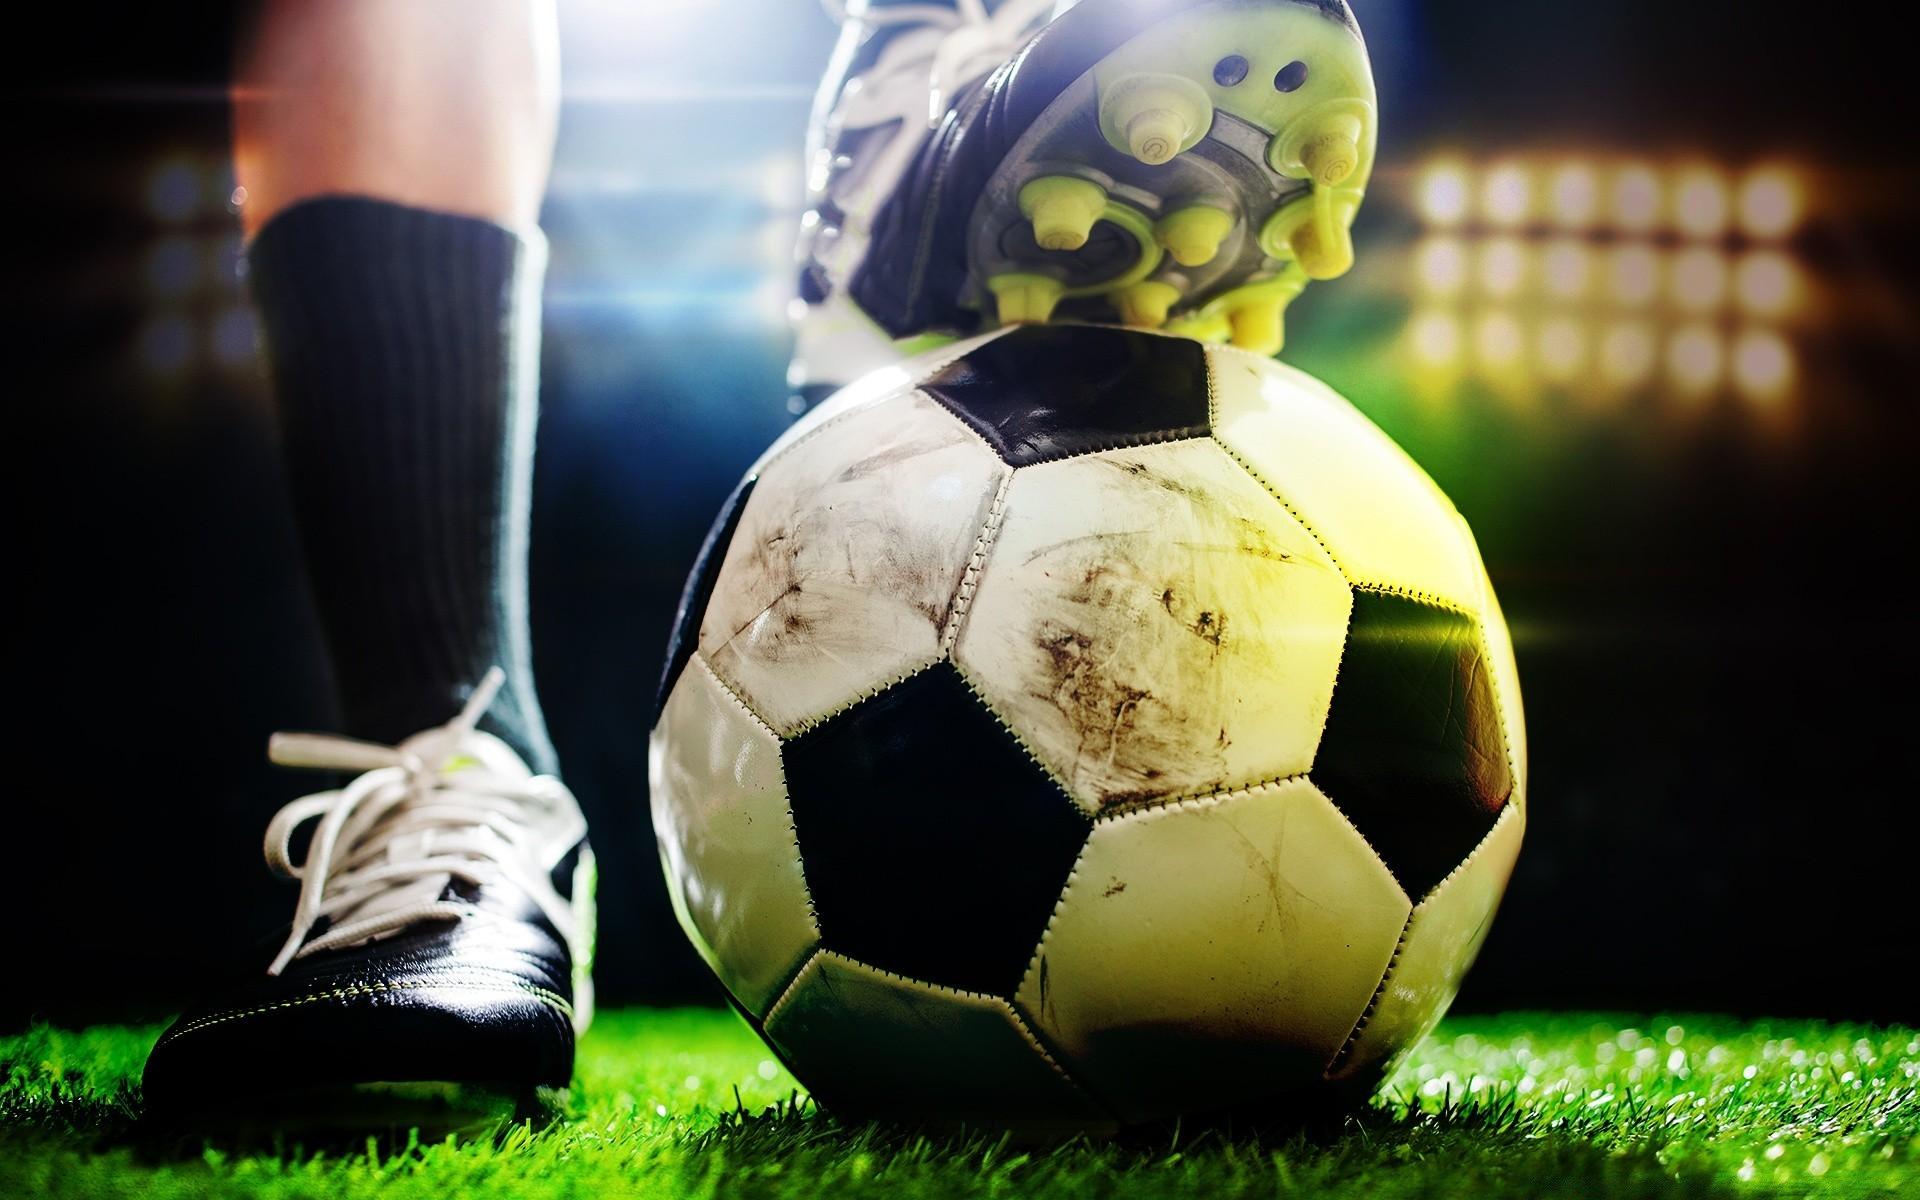 Картинки тема футбол, днем